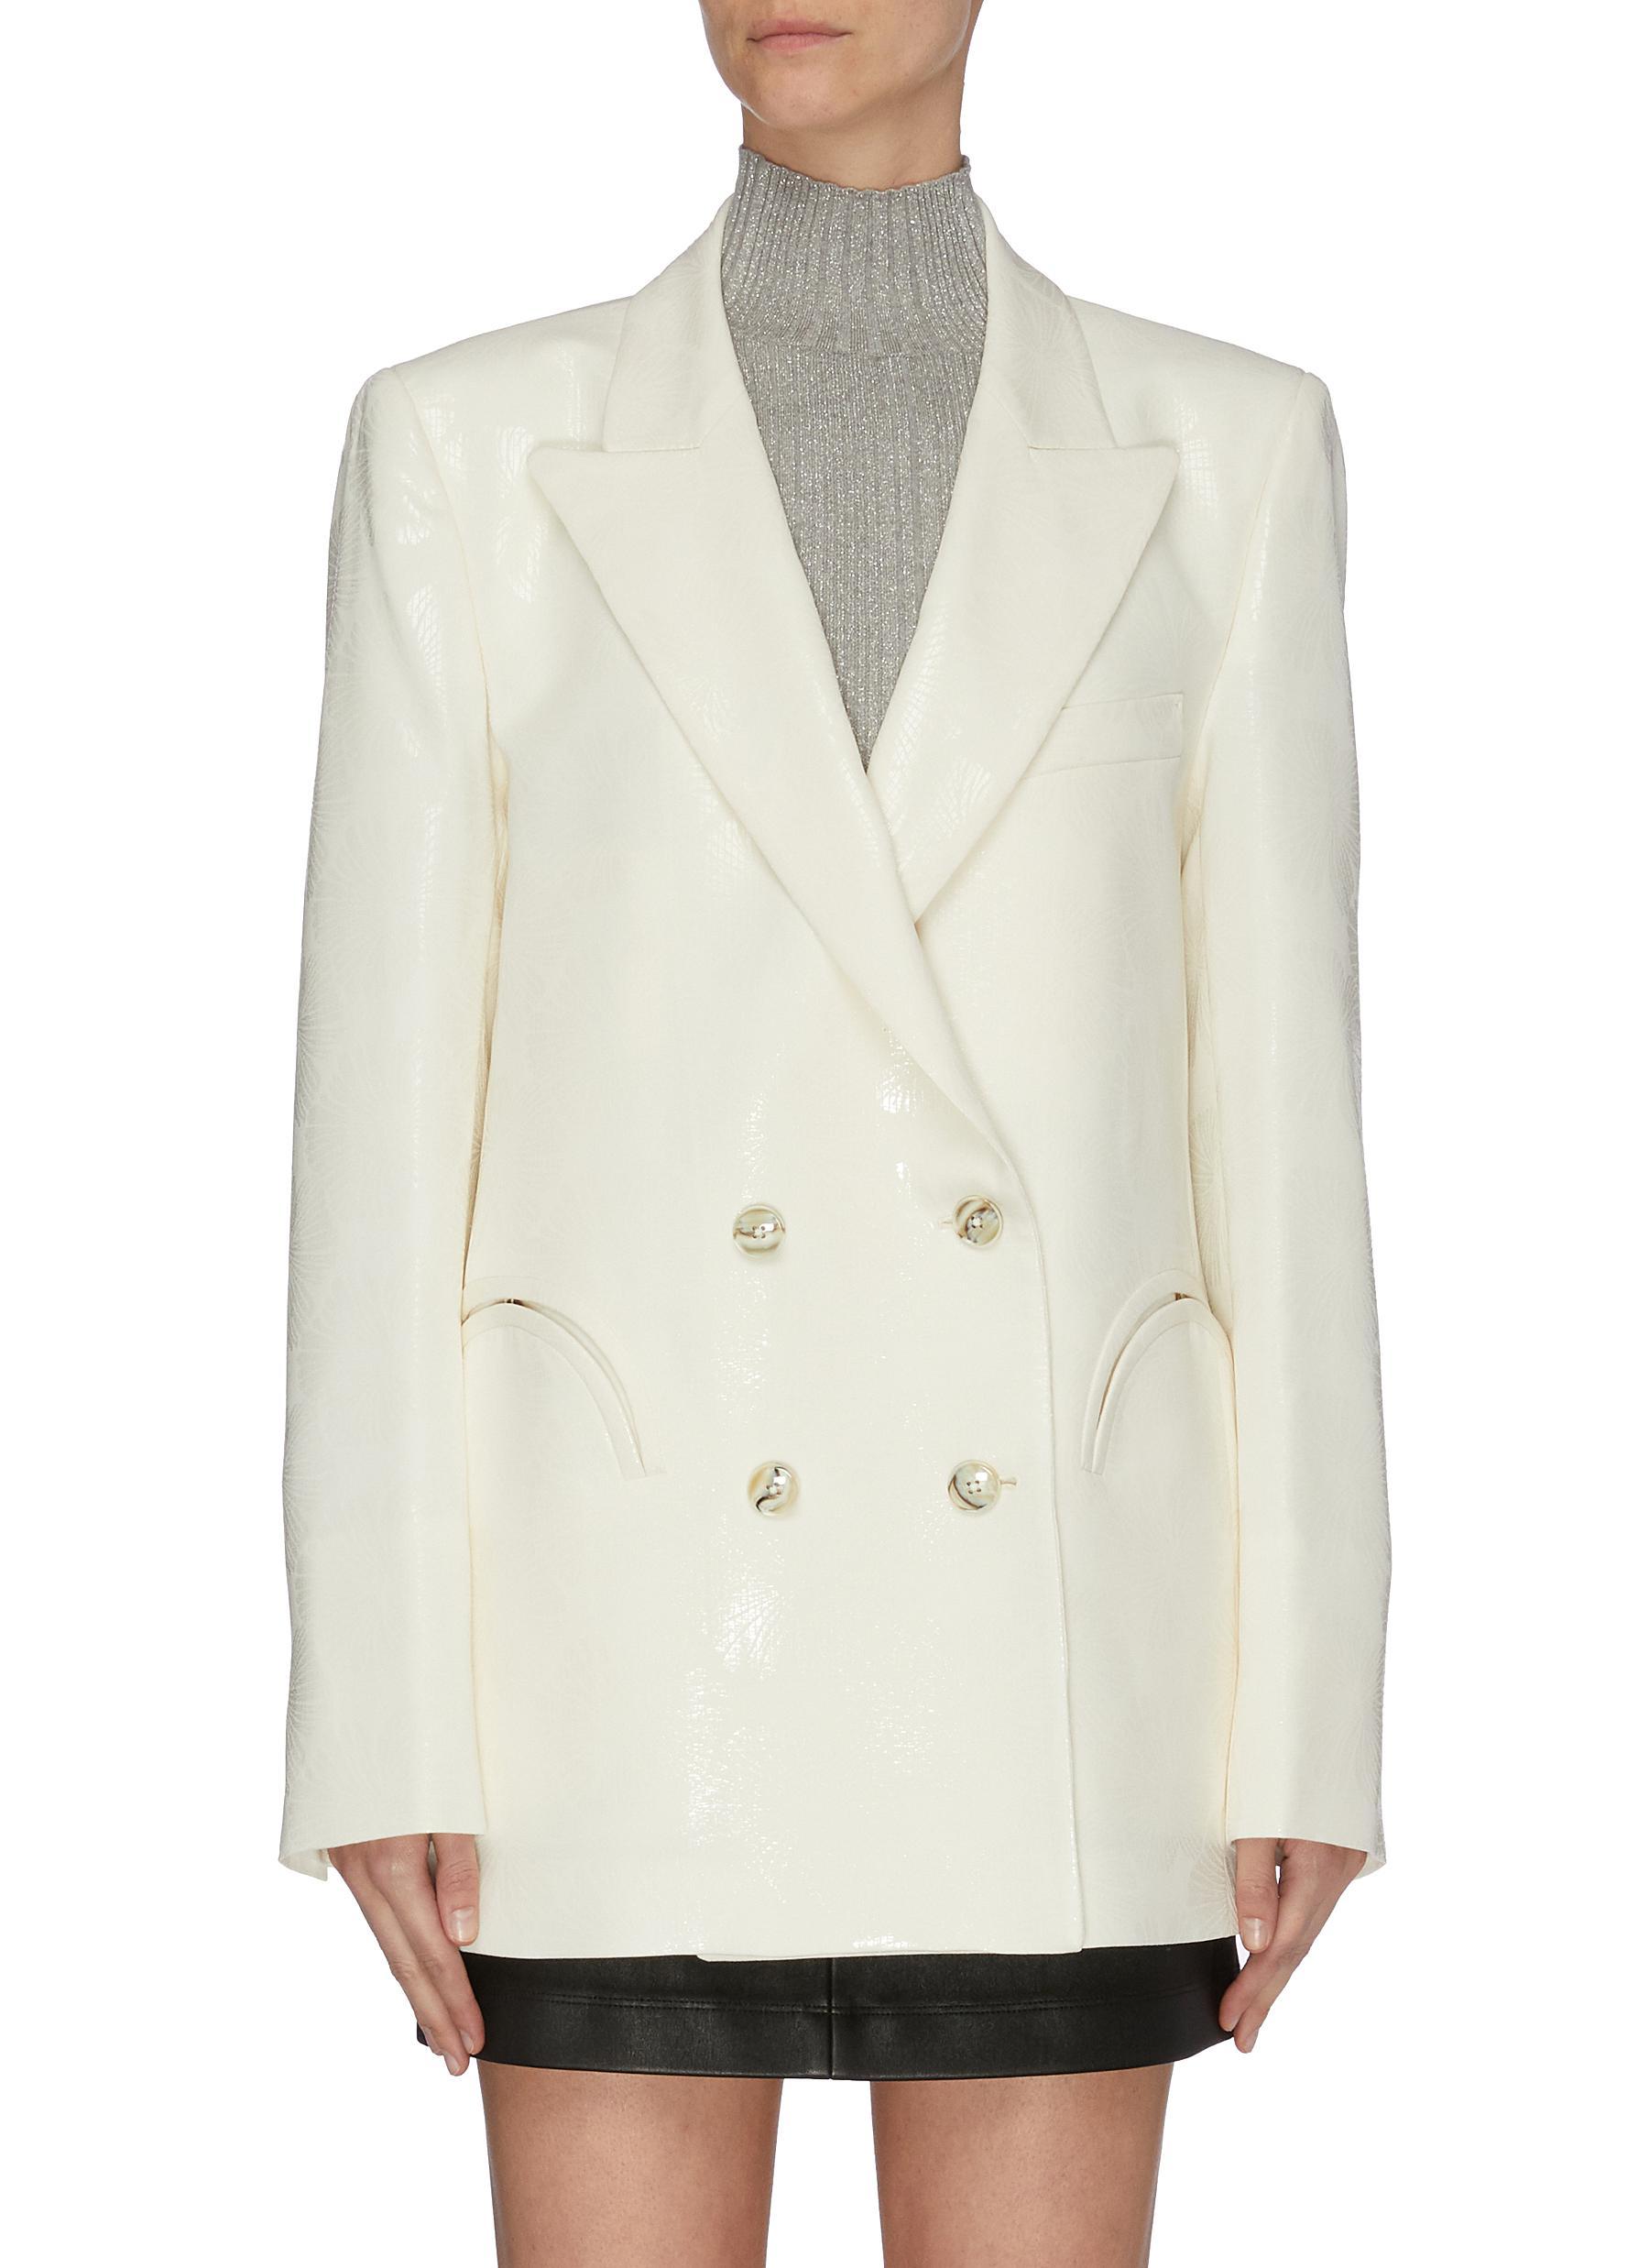 Buy Blazé Milano Blazers 'Everynight' double breast blazer